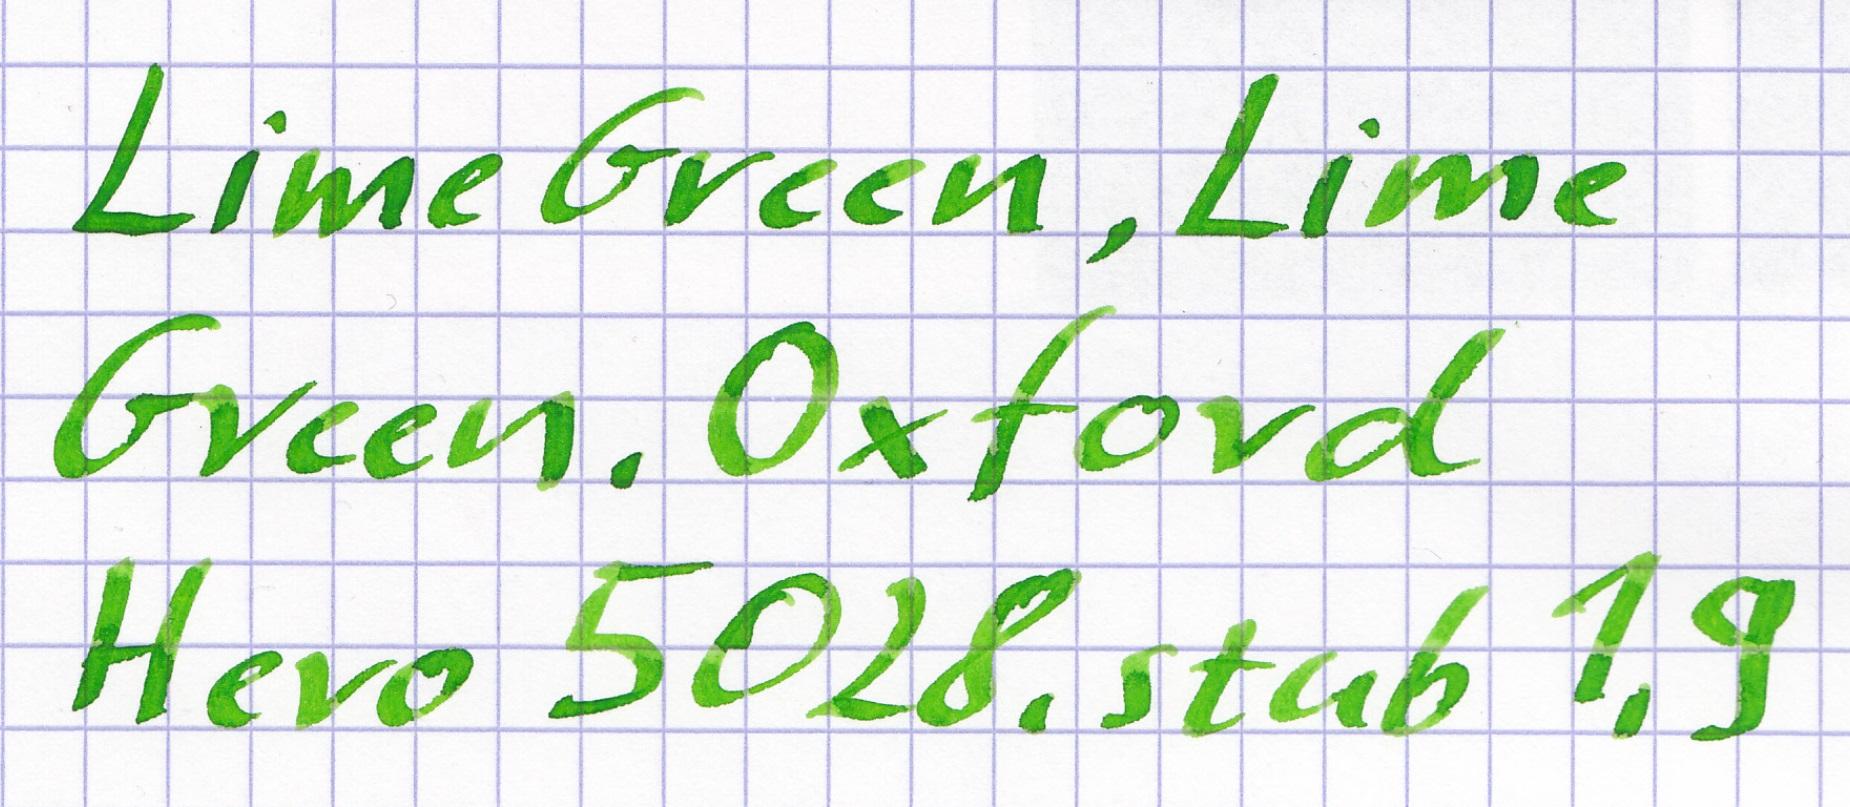 fpn_1465500943__limegreen_oster_ox.jpg